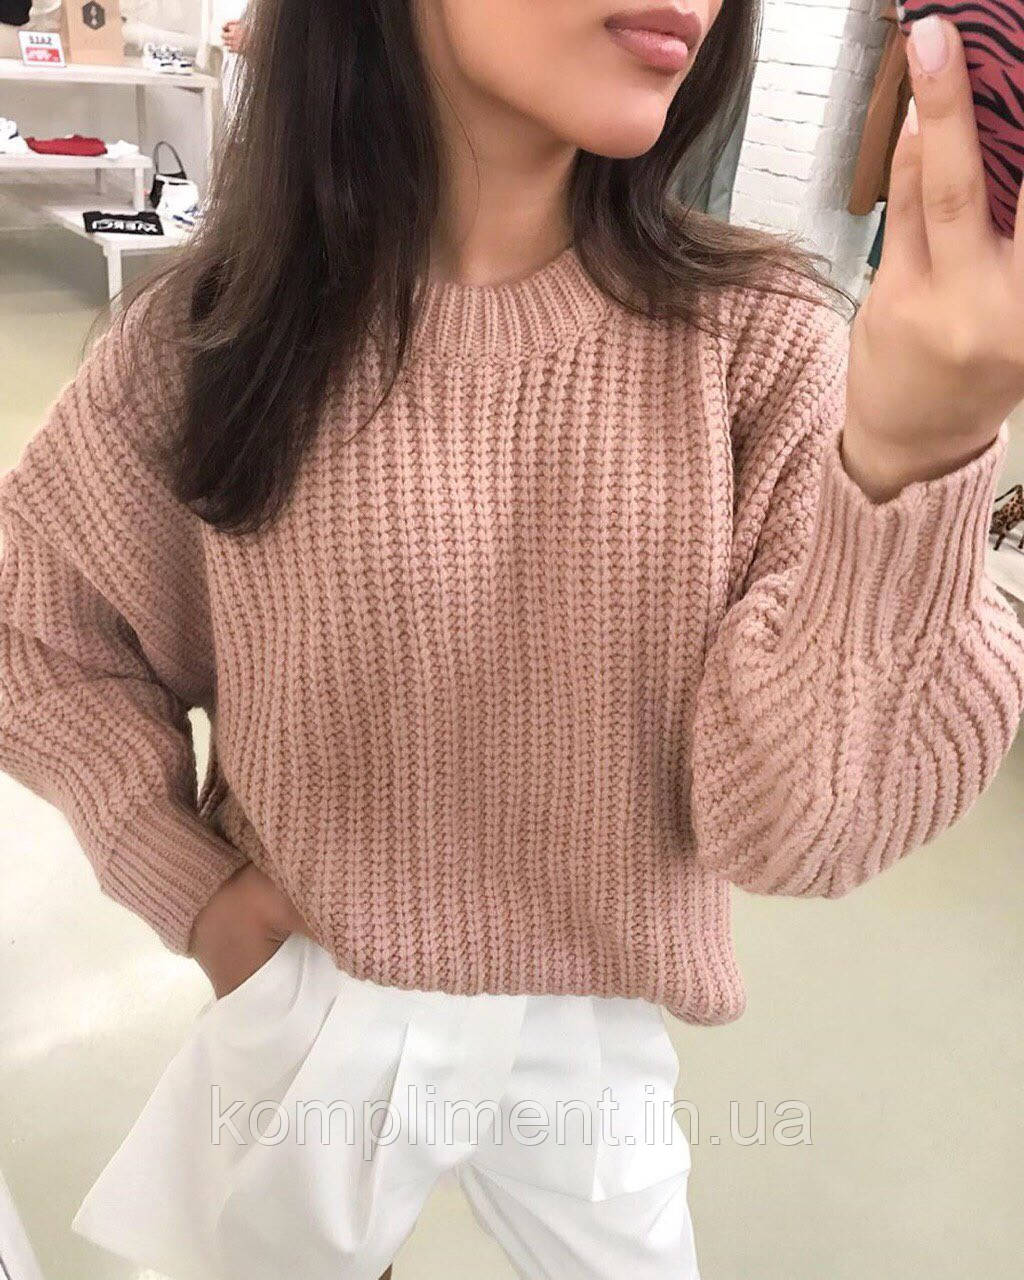 Женский теплый вязаный свитер без горла, пудра